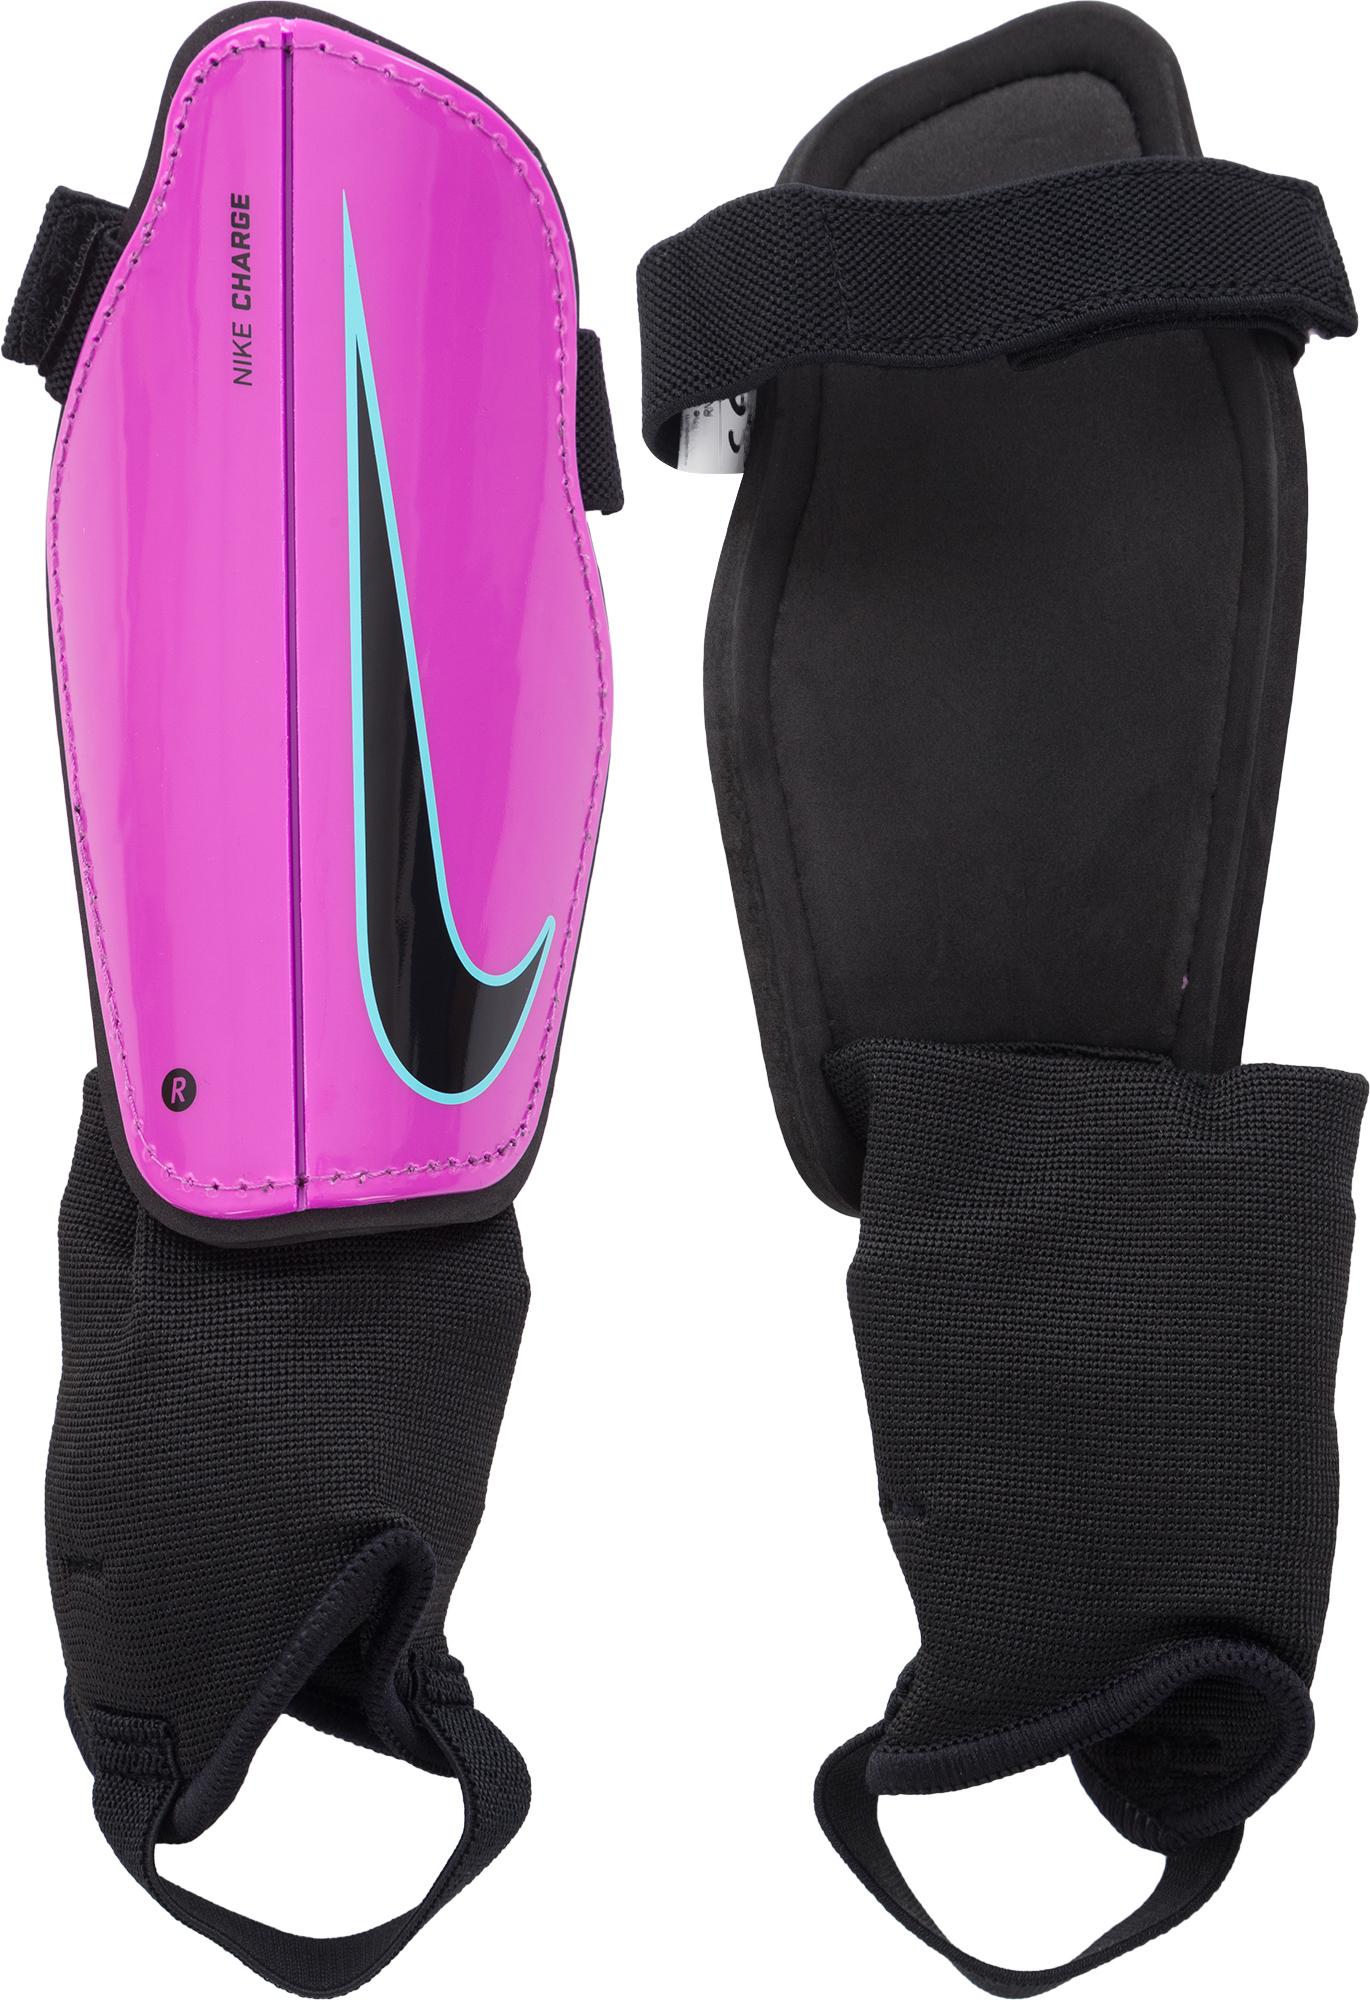 Nike Щитки футбольные детские Nike Youth Charge 2.0 щитки nike nike ni464duufa47